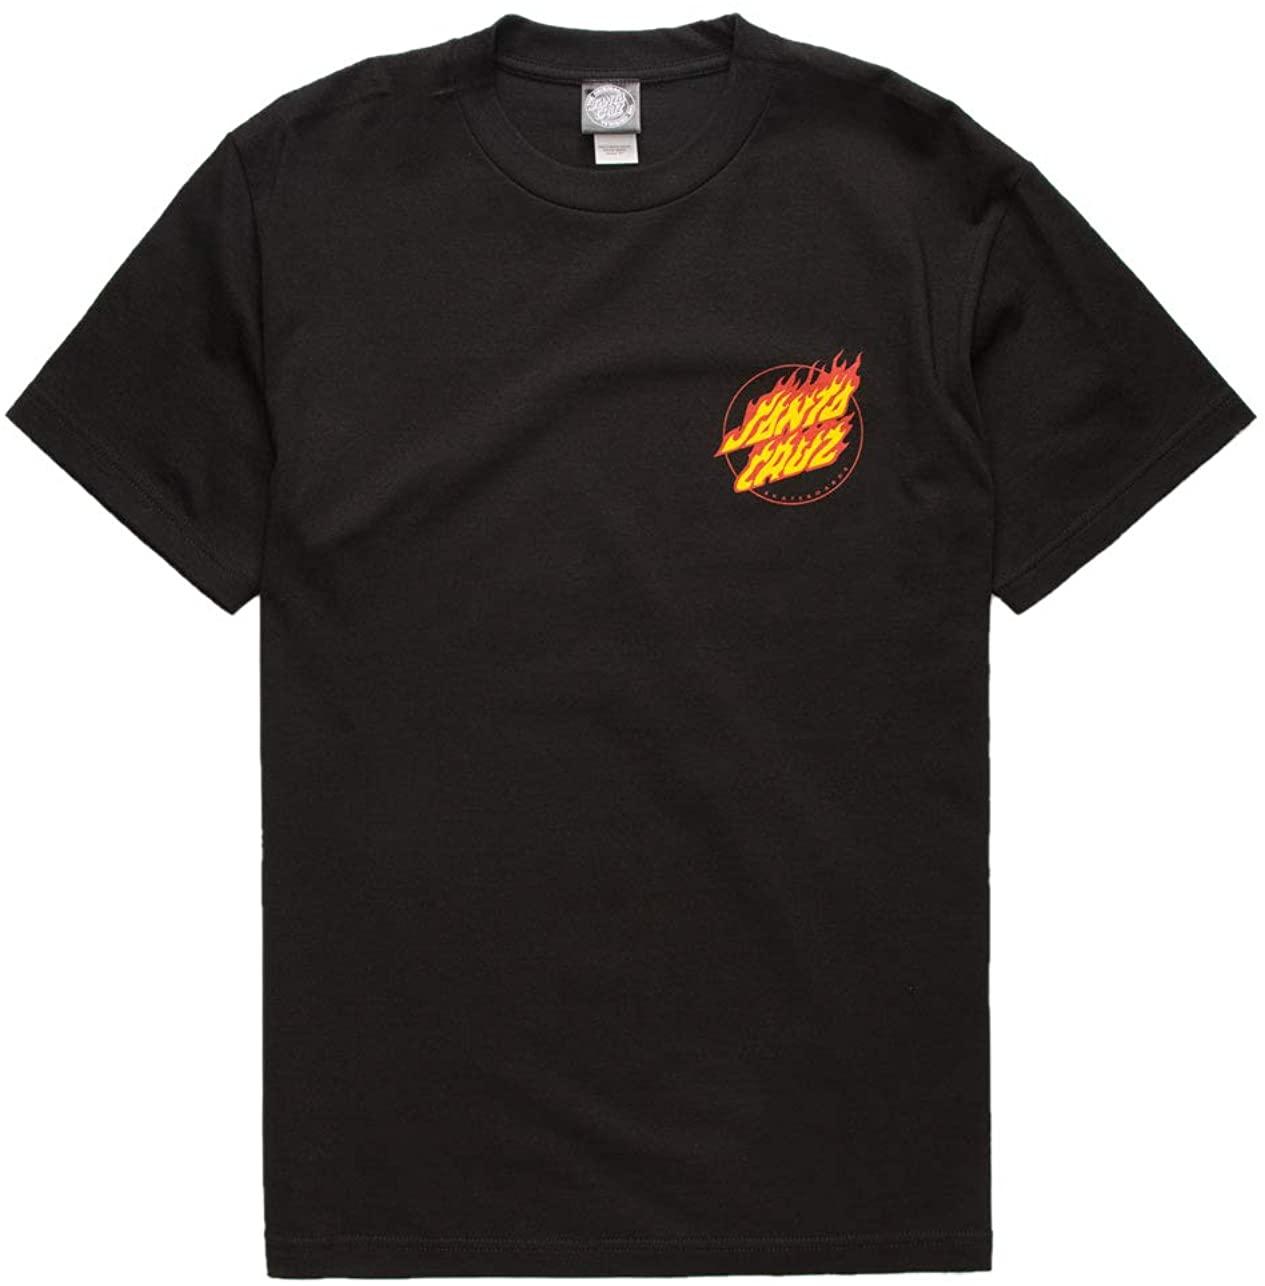 Santa Cruz Flaming Dot Black T-Shirt